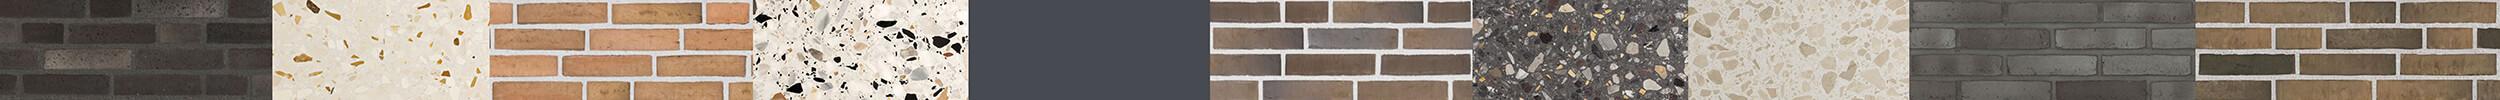 Fasadernas tegeltoner tas upp inne i respektive hus genom att t ex trapphusens terrazzokulörer harmonierar med dessa. Fönster, partier och plåt har en mörkgrå kulör, gemensam för alla 3 husen. Den blyertsgrå färgen som är anpassad till fasadernas tegelkulörer, bidrar till att binda ihop husen.